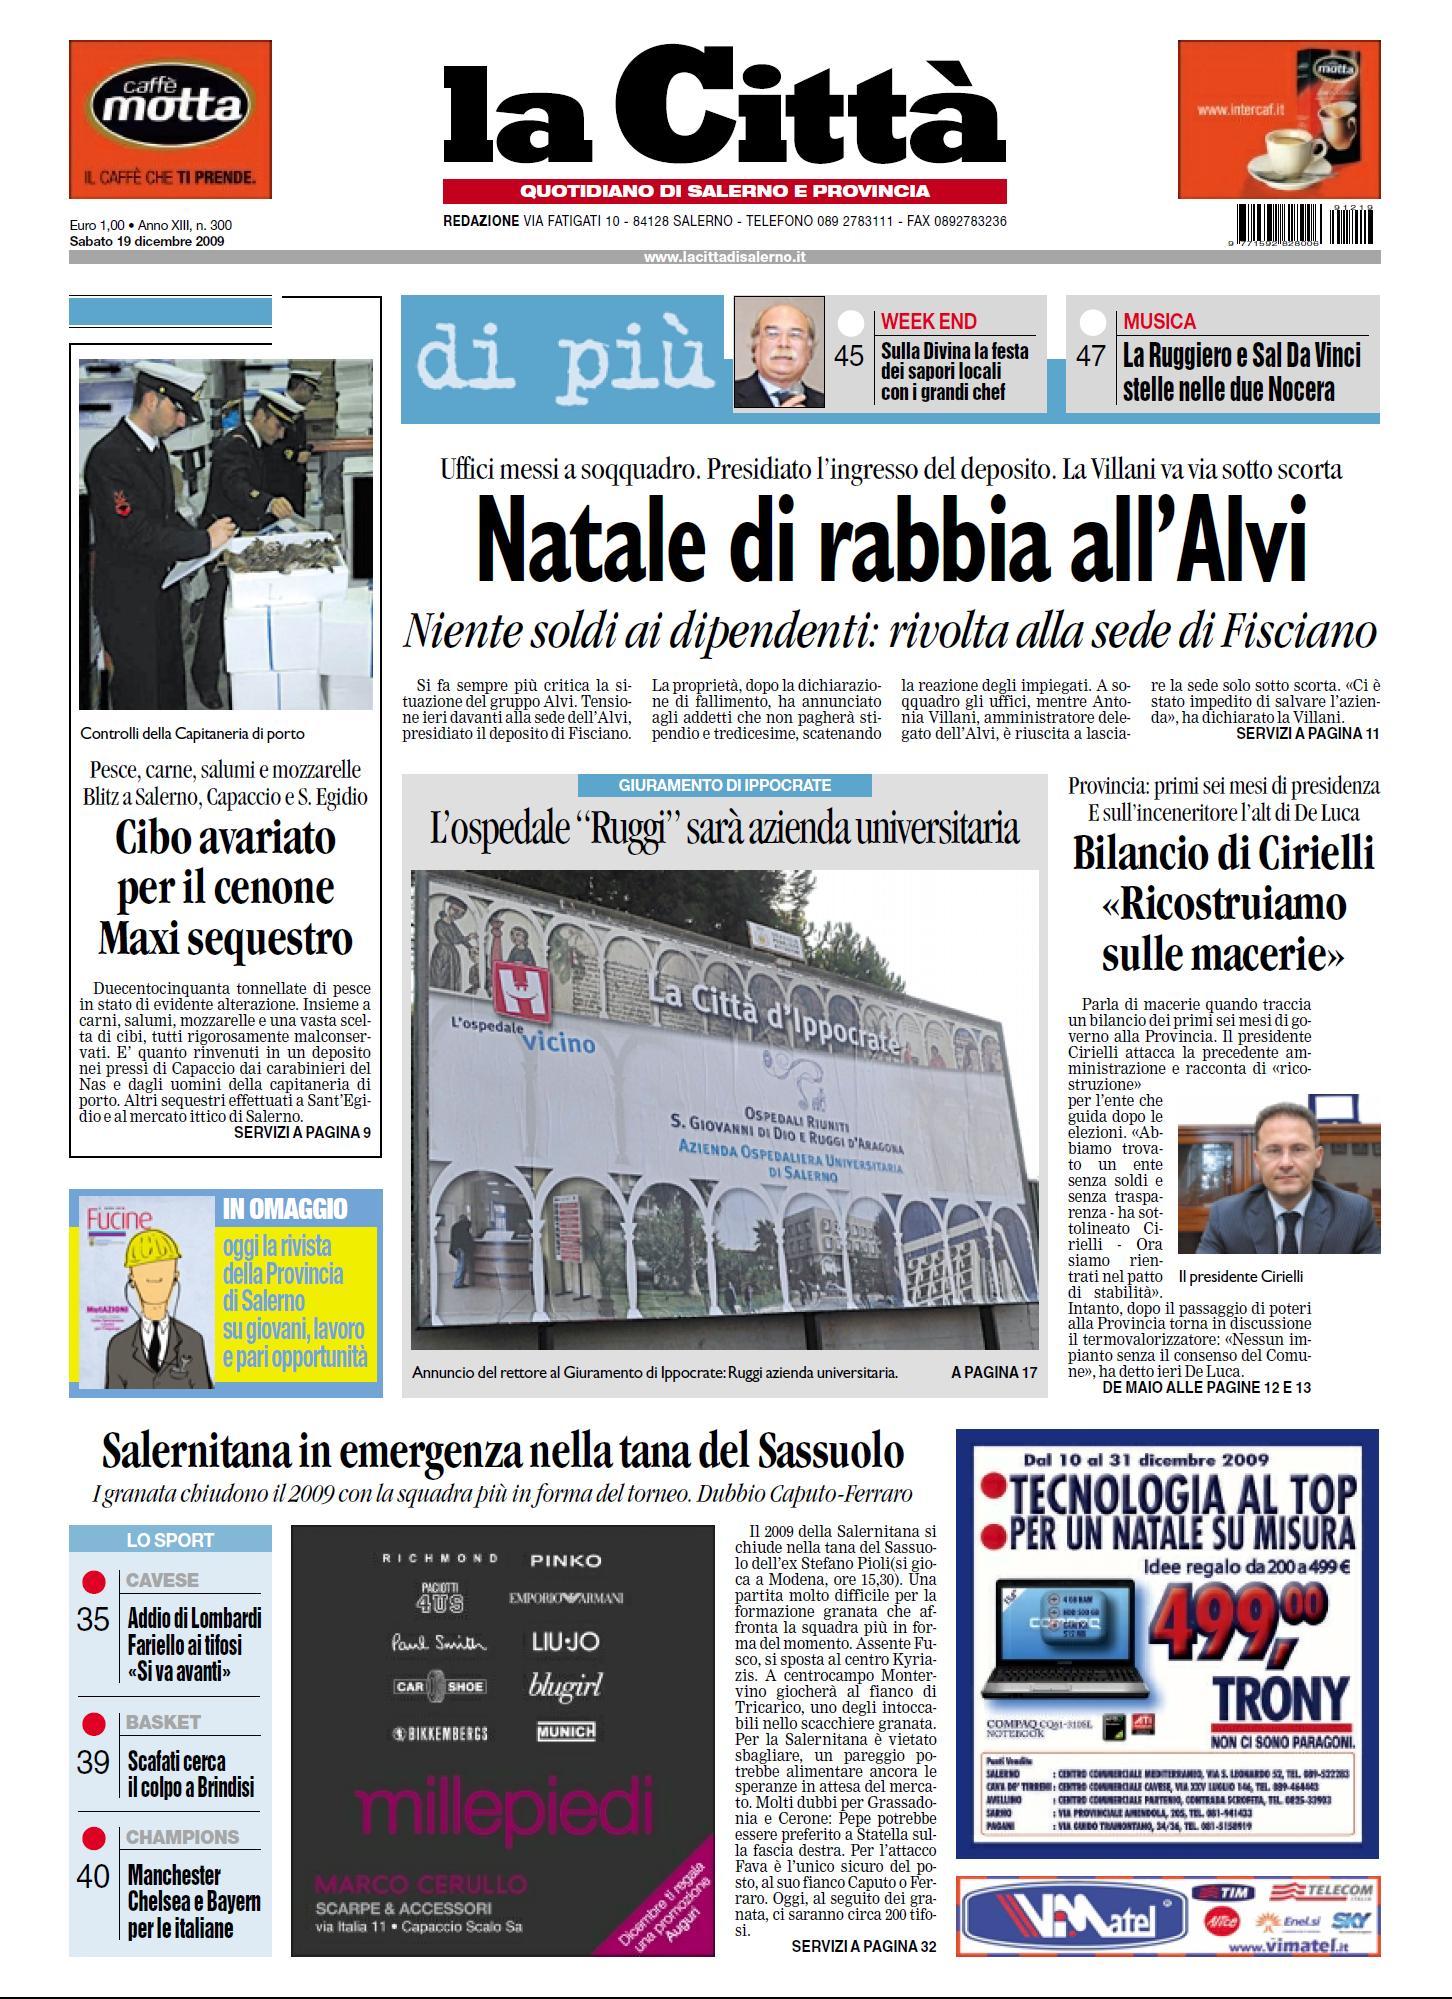 LA CITTA DI SALERNO 19 DICEMBRE 2009